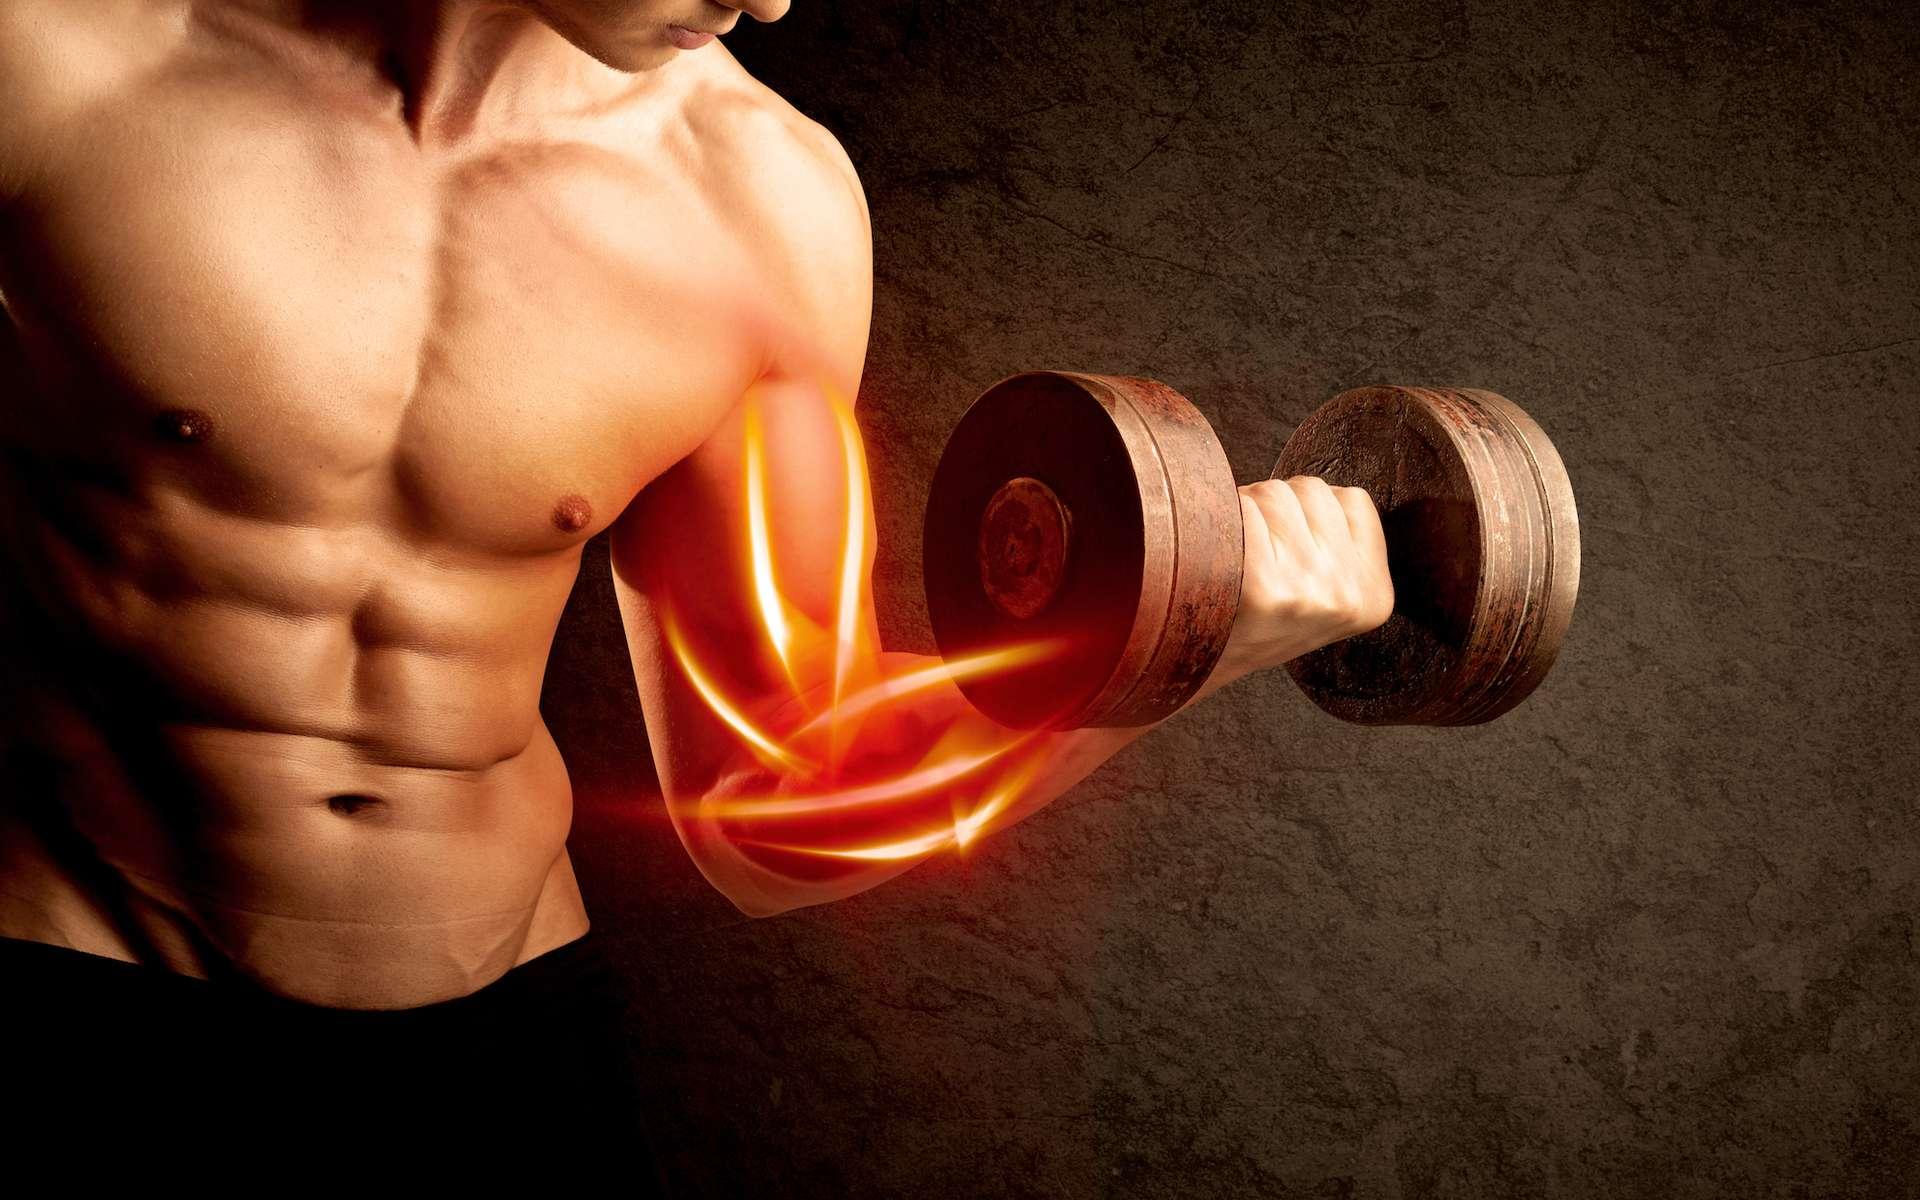 Grâce à un nouveau matériau autocicatrisant incroyablement élastique et répondant à des stimuli électriques, des chimistes de Stanford espèrent faire avancer la recherche sur les muscles artificiels. © r2studio, Shutterstock